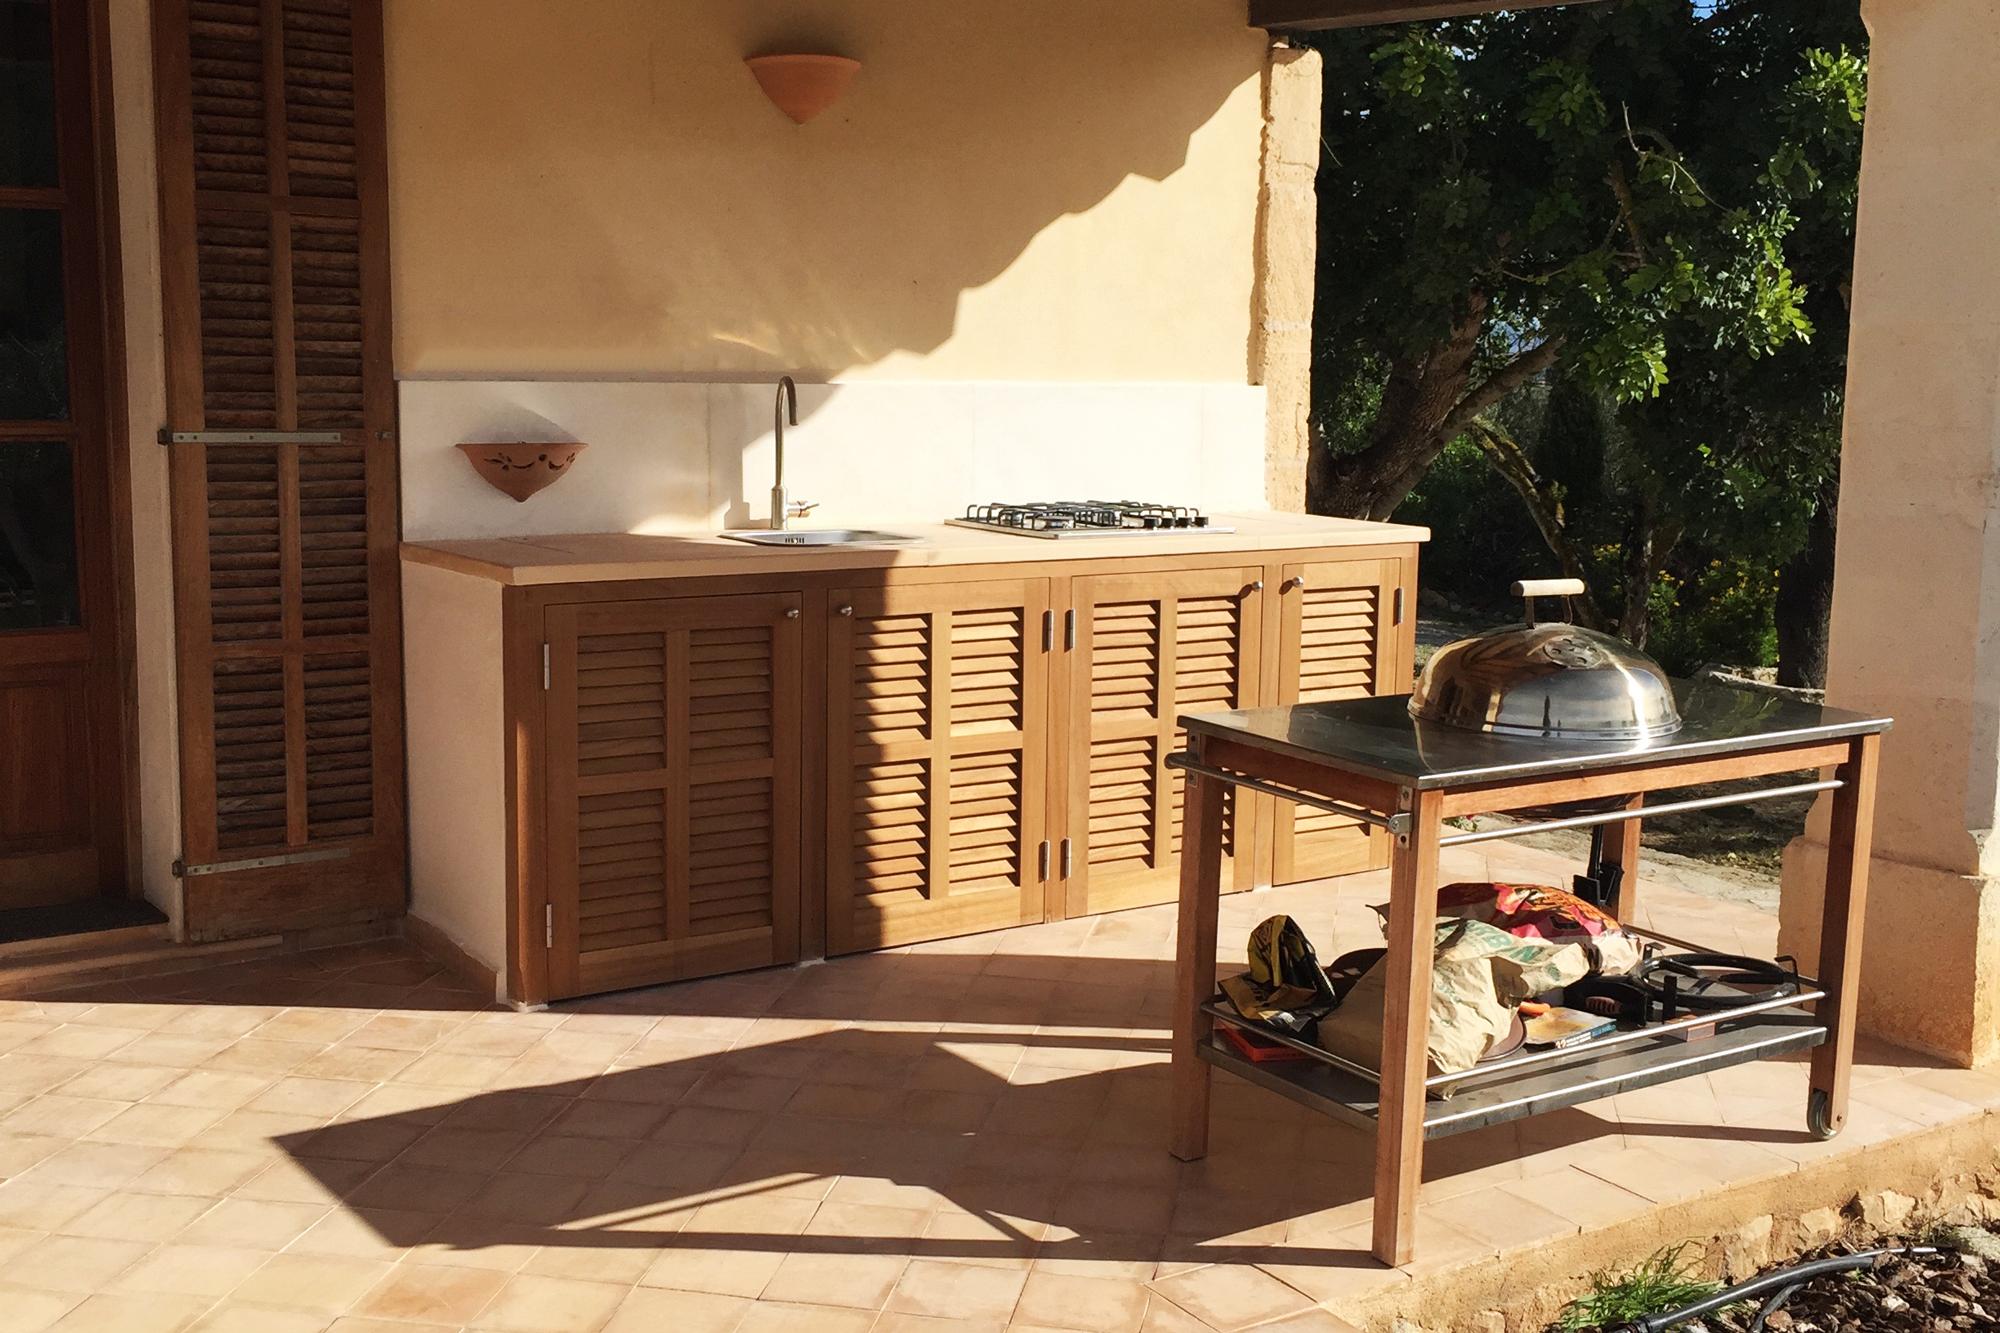 Aufregend aussenkuche ausfuhrung wohndesign for Modulkuche outdoor